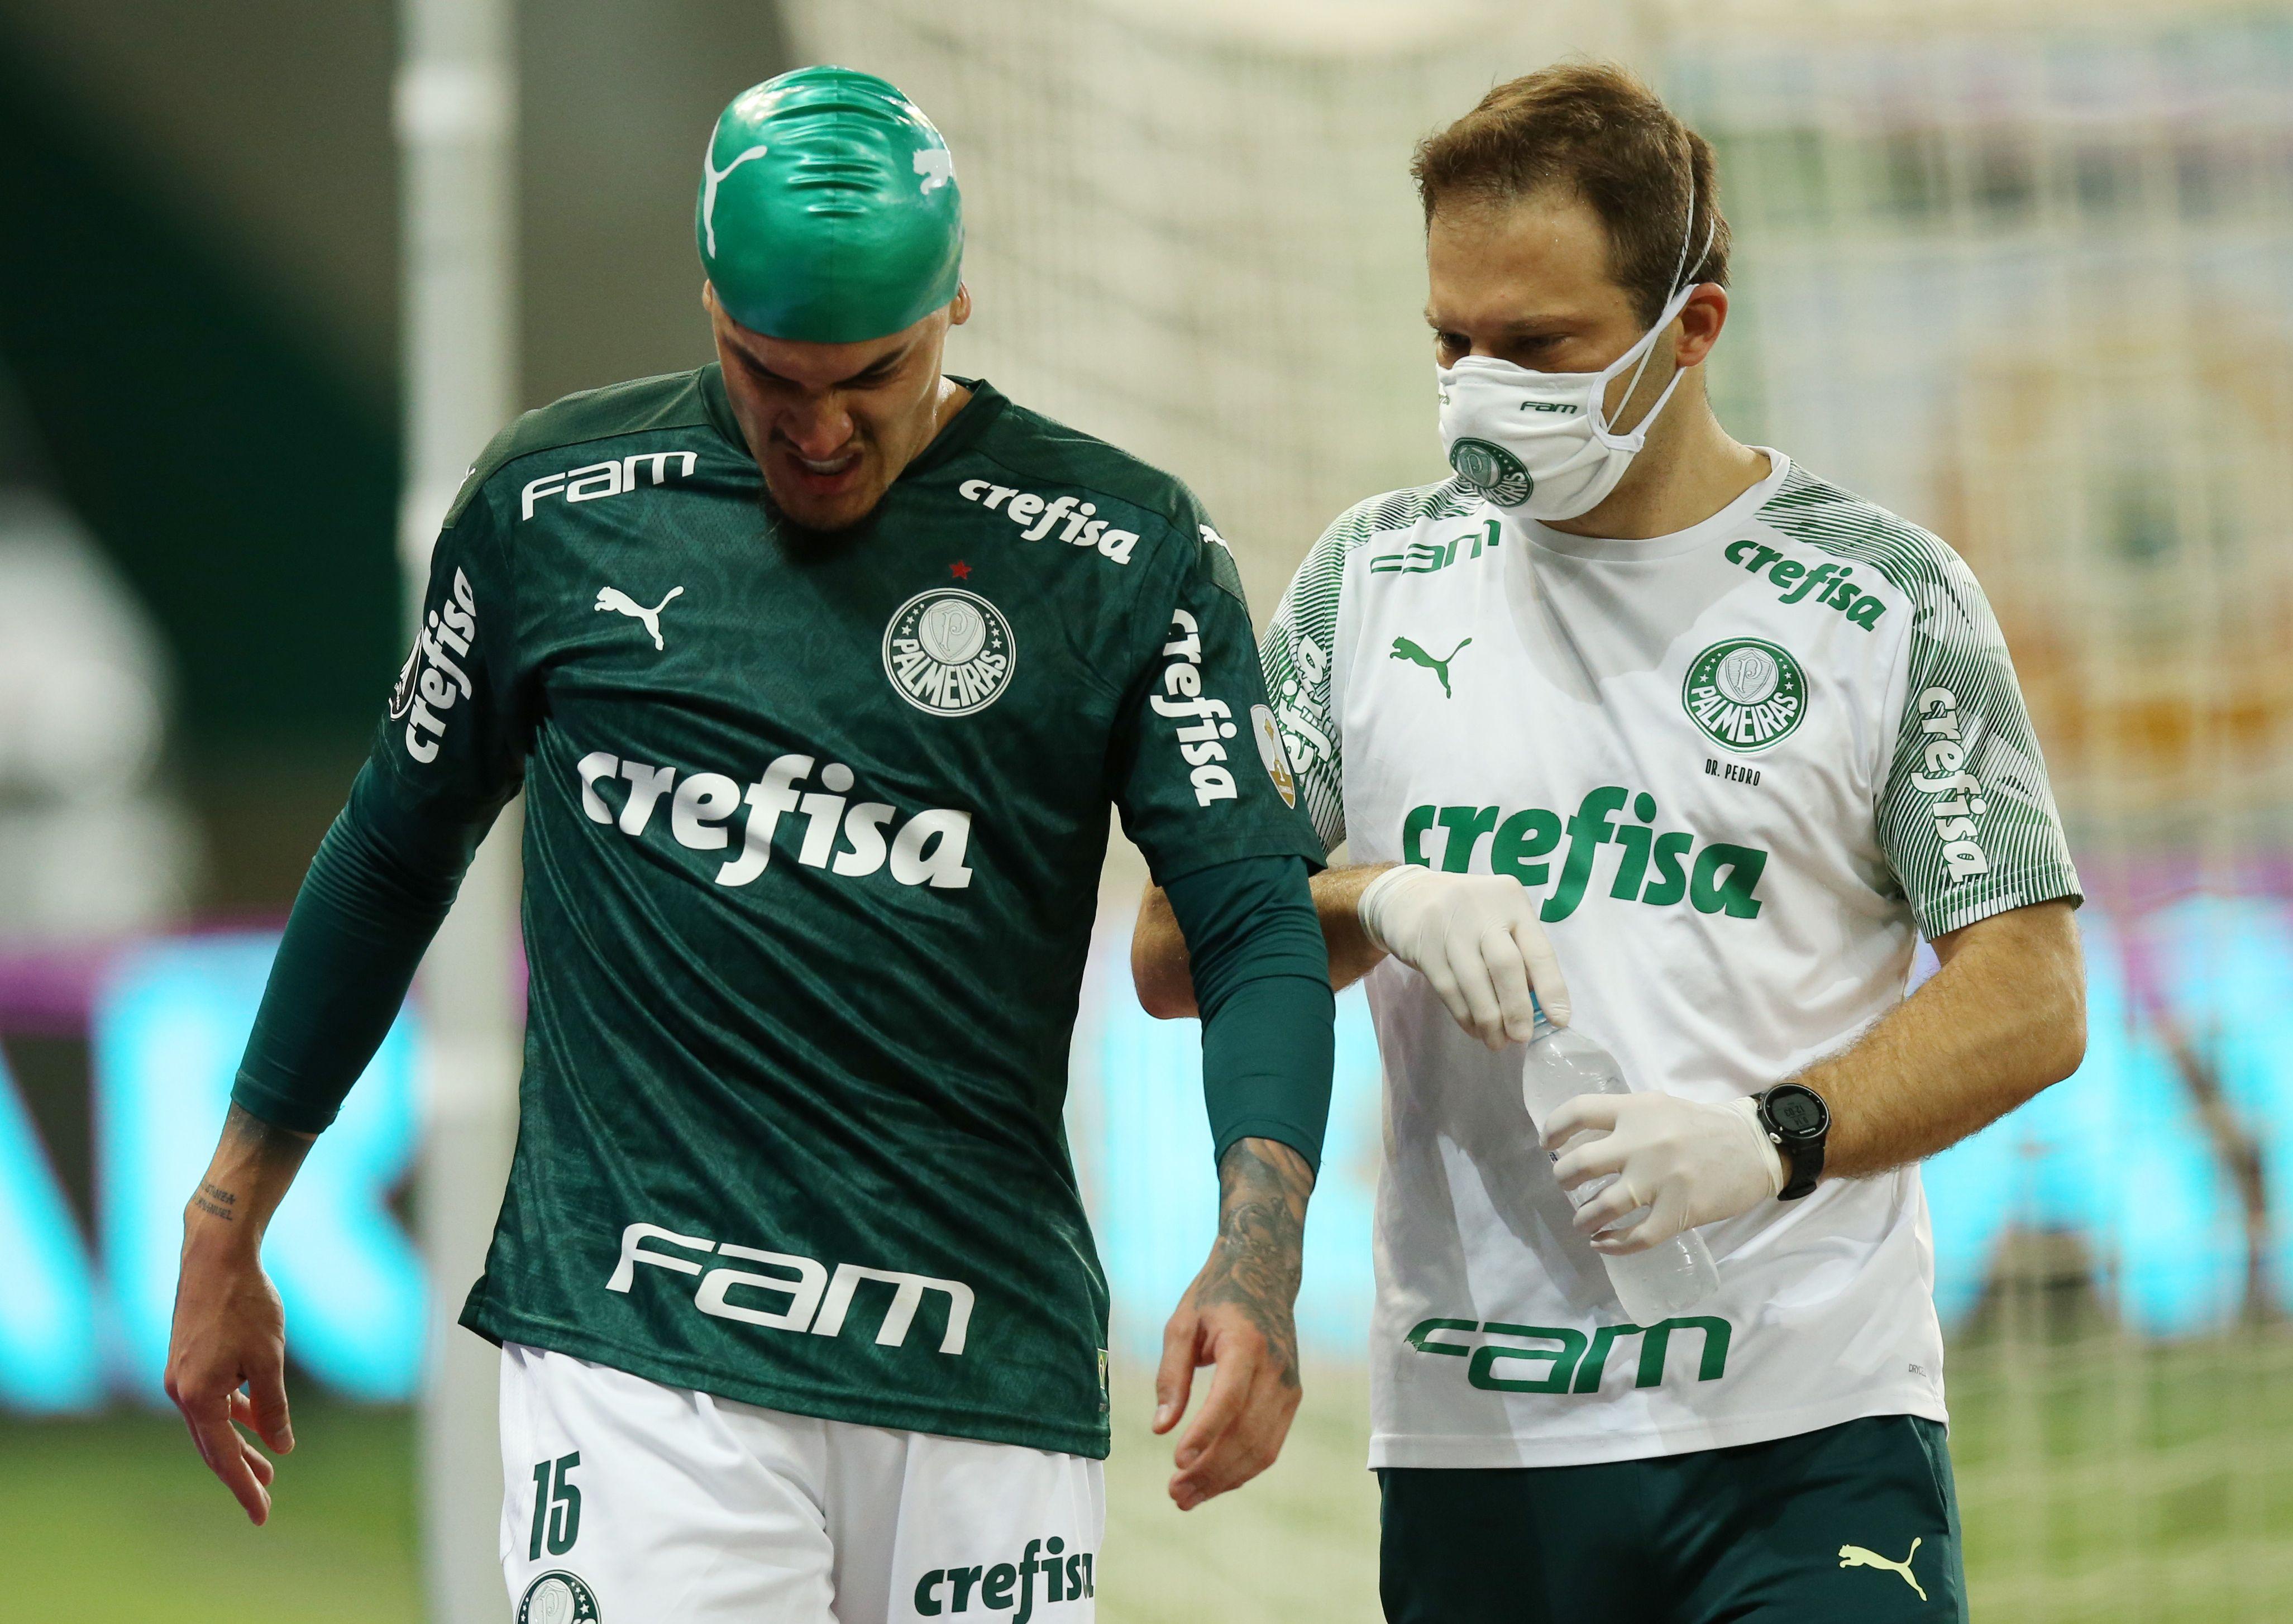 Actualmente, los futbolistas que sufren conmociones durante un partido son atendidos de inmediato pero vuelven a saltar al campo de juego (Reuters)